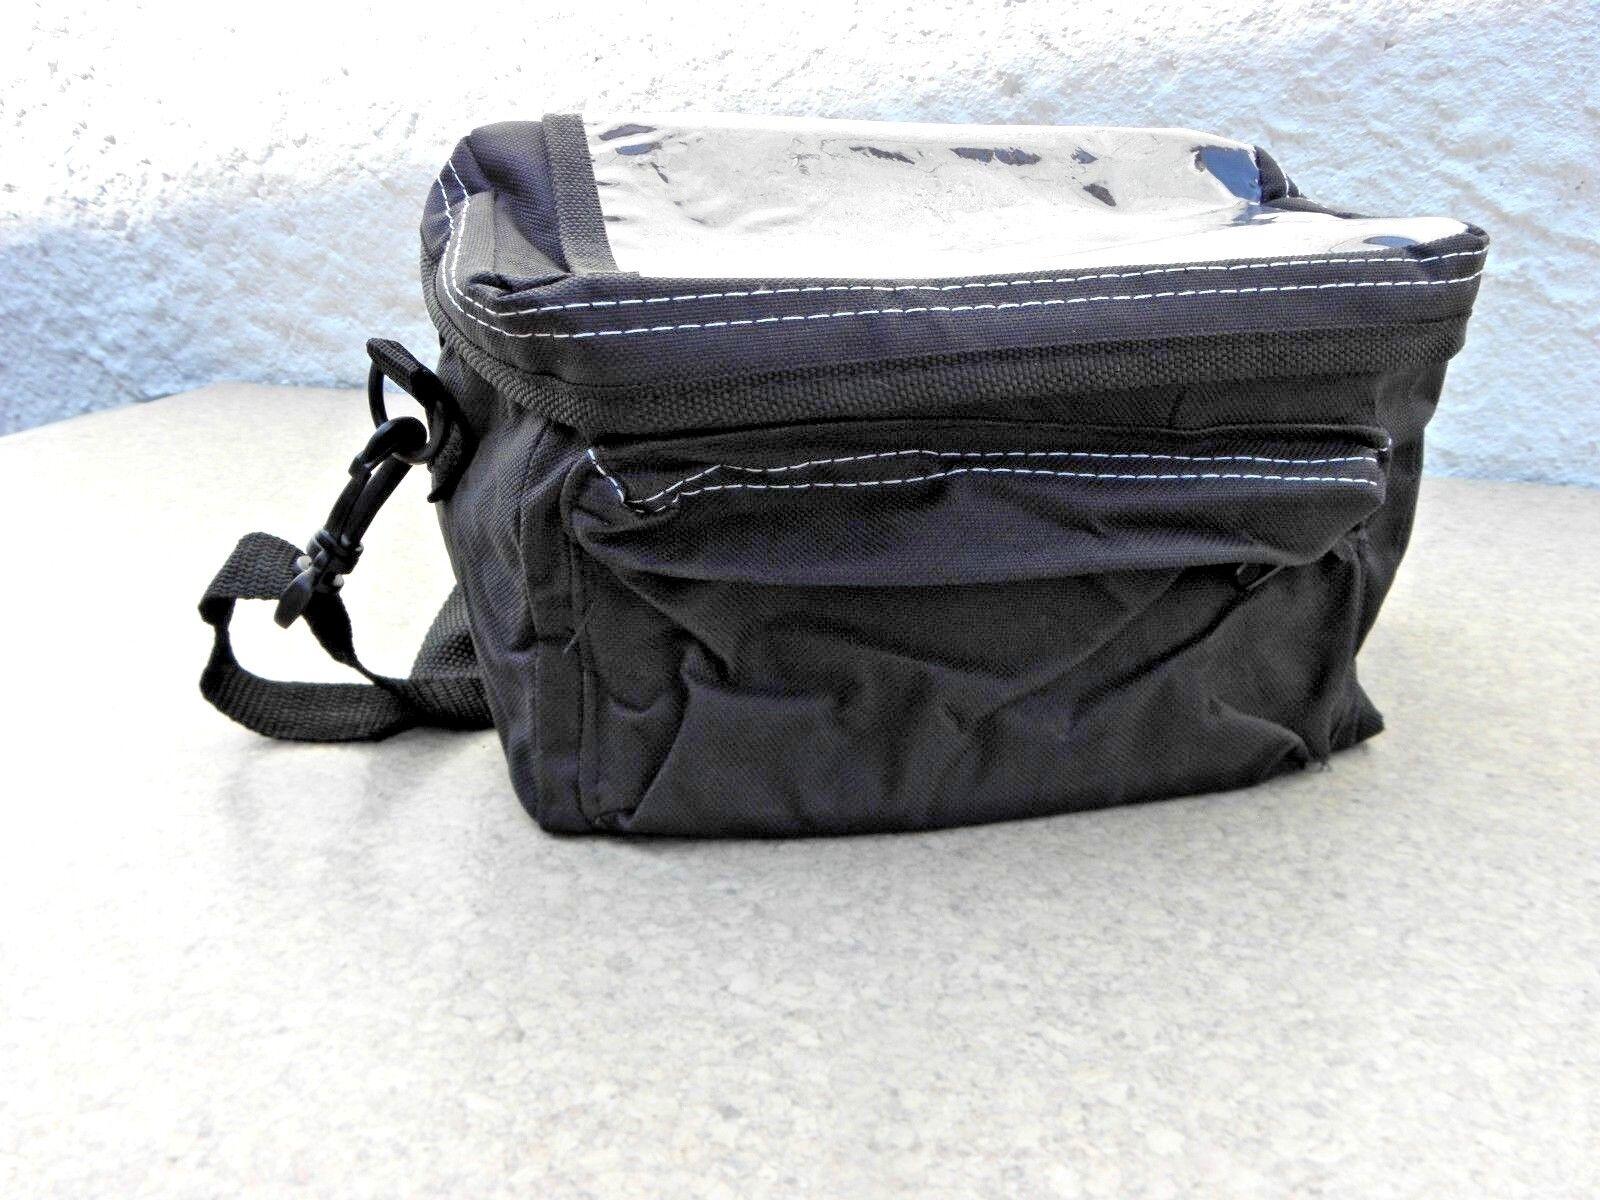 Sacoche de vélo noir avec 3 compartiments Guidon et ceinture Guidon compartiments Sac Sac de transport 03416 063a0b